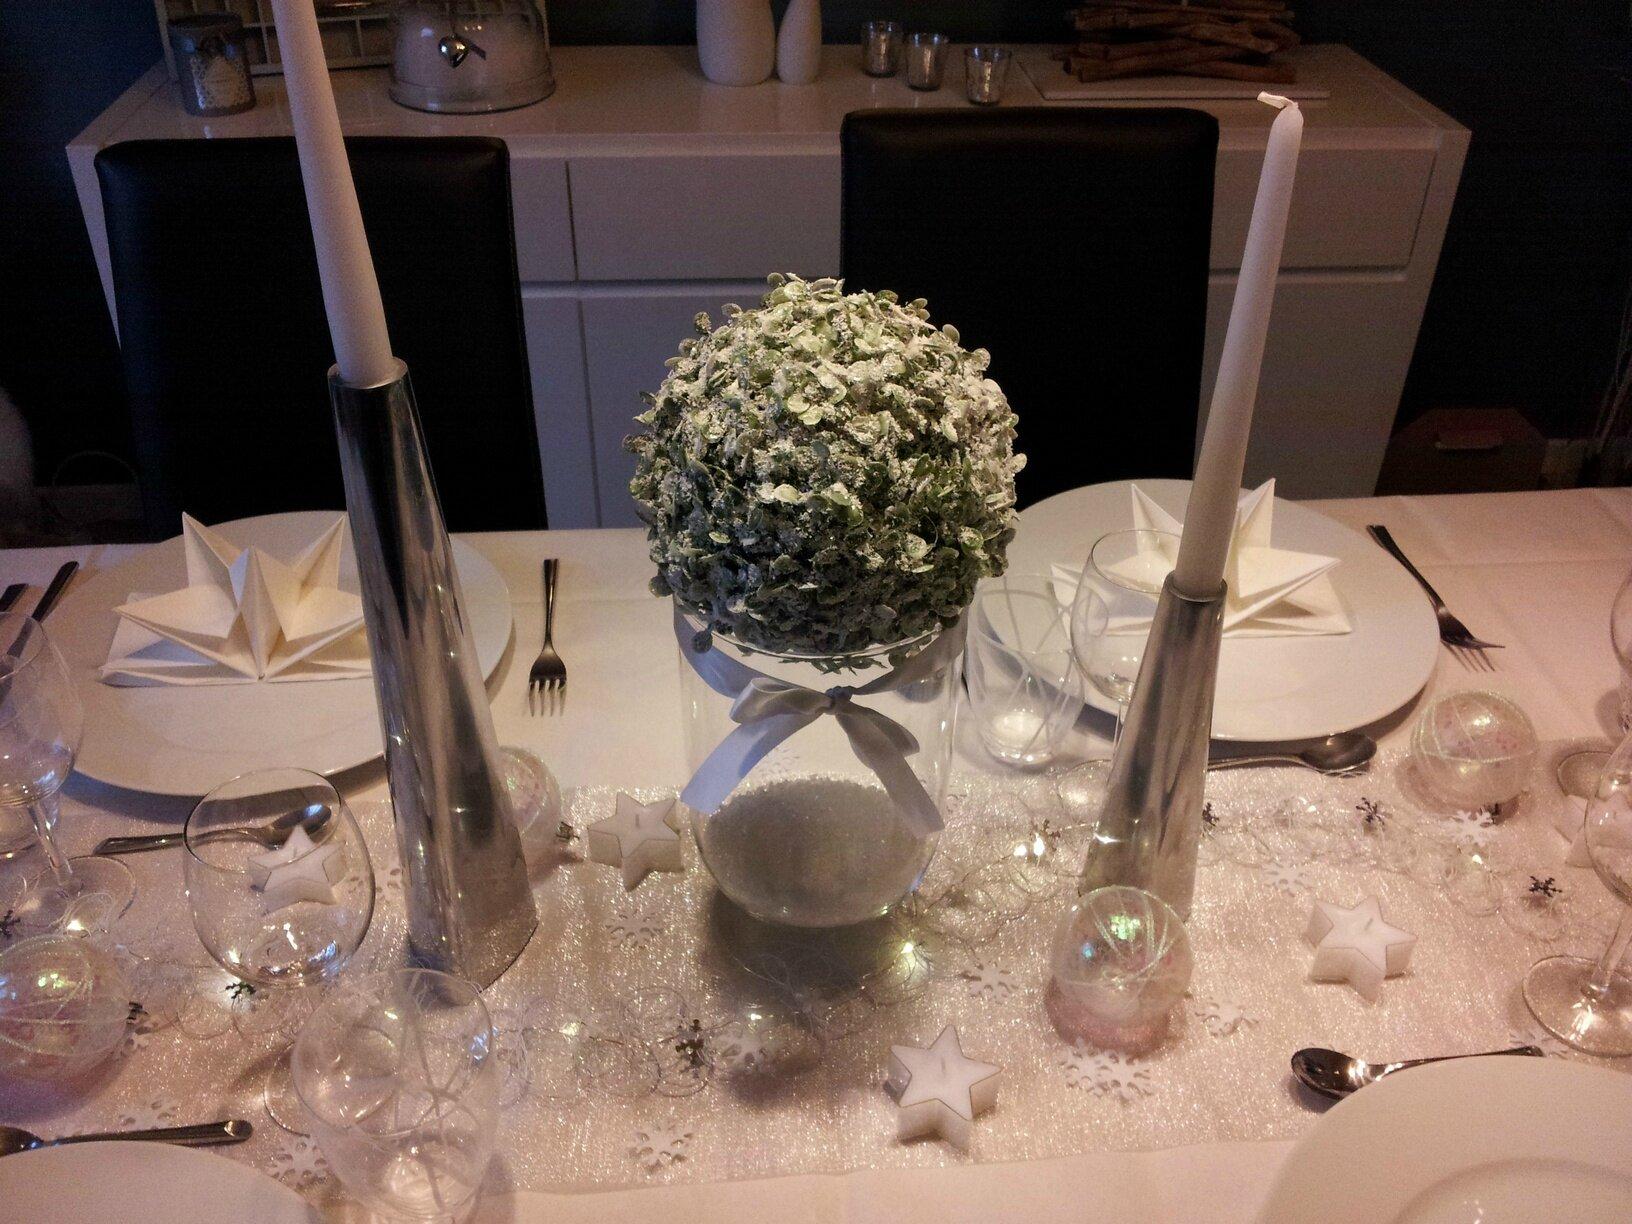 free centre de table une fausse boule de buis enneige et deux chandelier ika with buis boule ikea. Black Bedroom Furniture Sets. Home Design Ideas